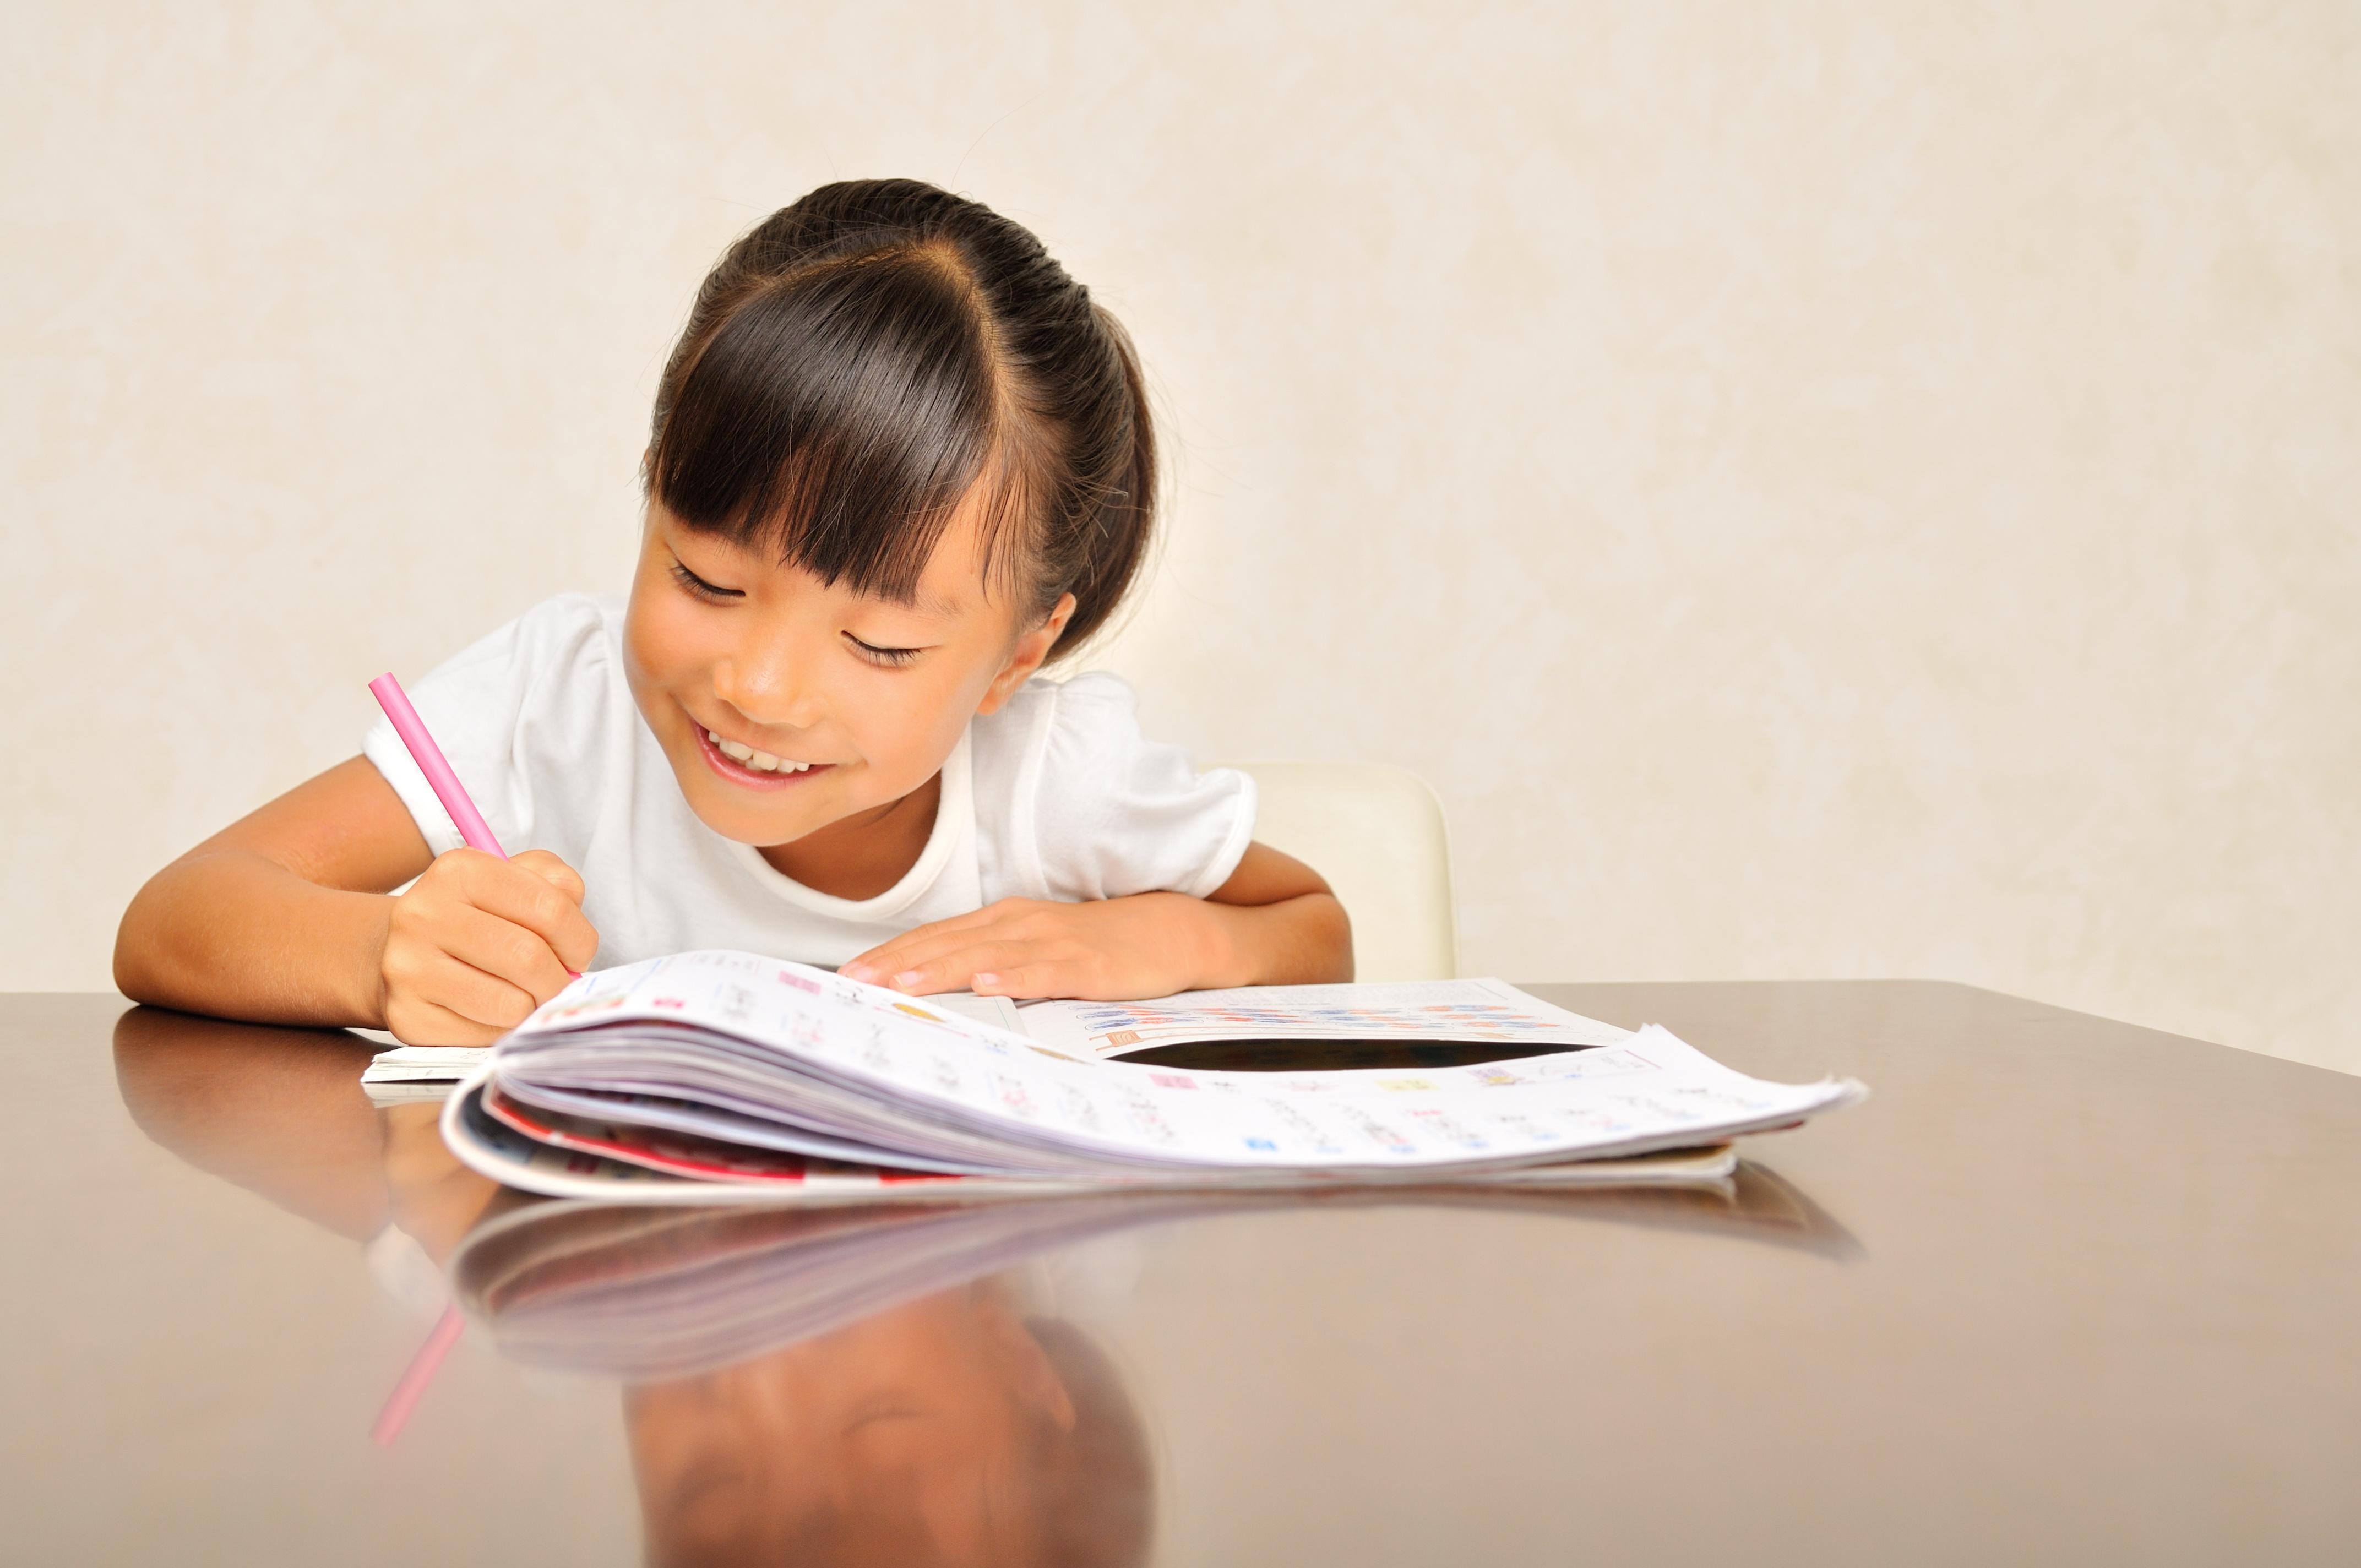 子供に勉強のやる気を出させる10の方法!